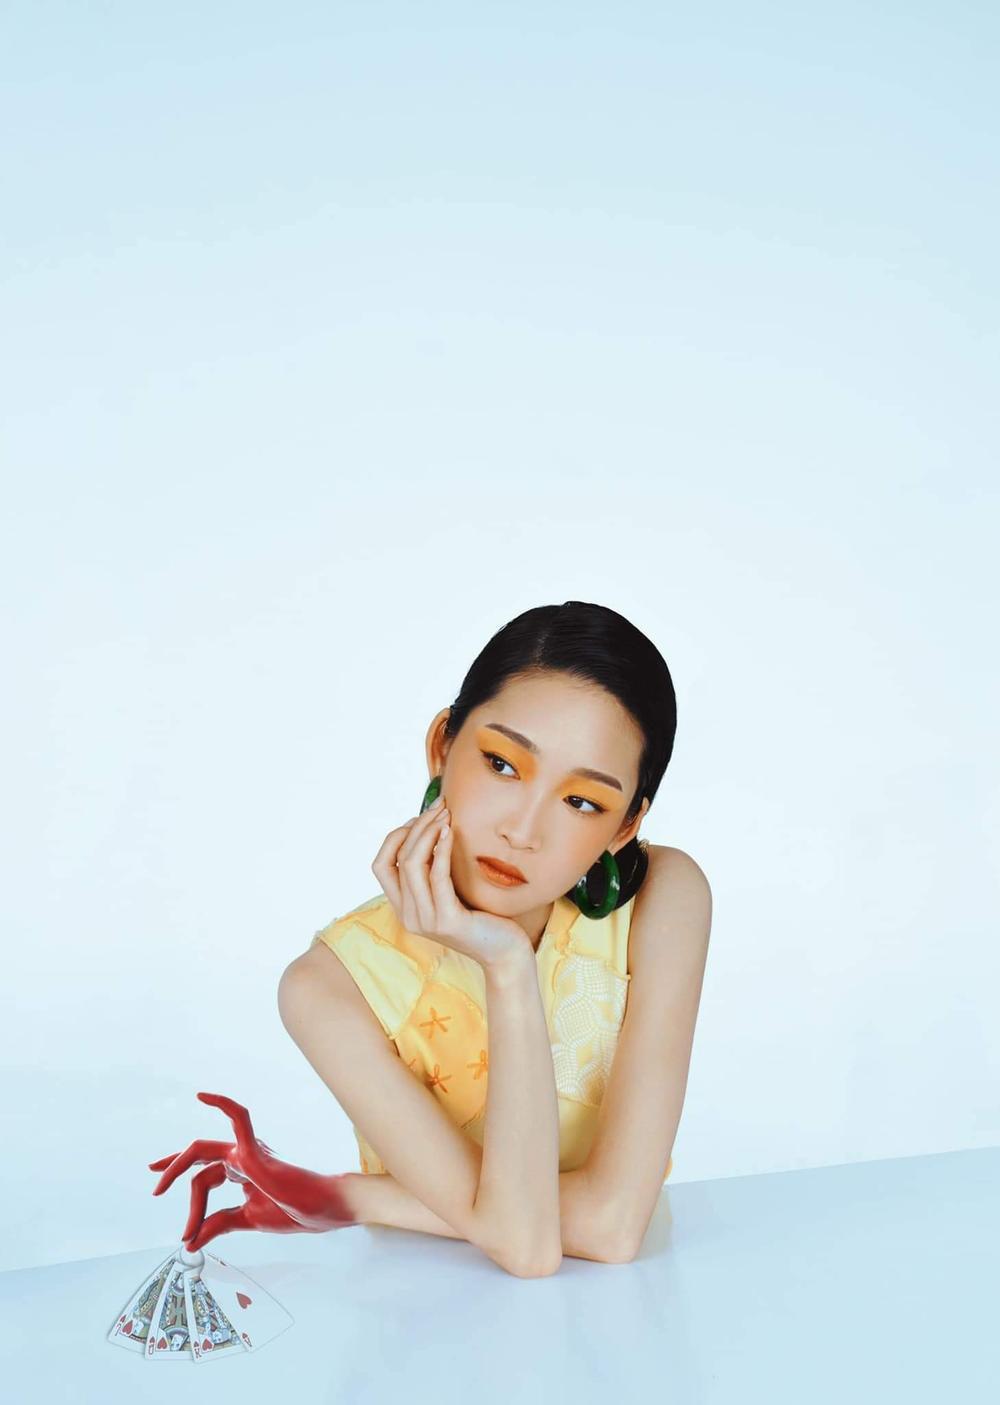 Juky San hoá nàng thơ tao nhã, đẹp thoát tục mơ màng giữa tiết Xuân Ảnh 13